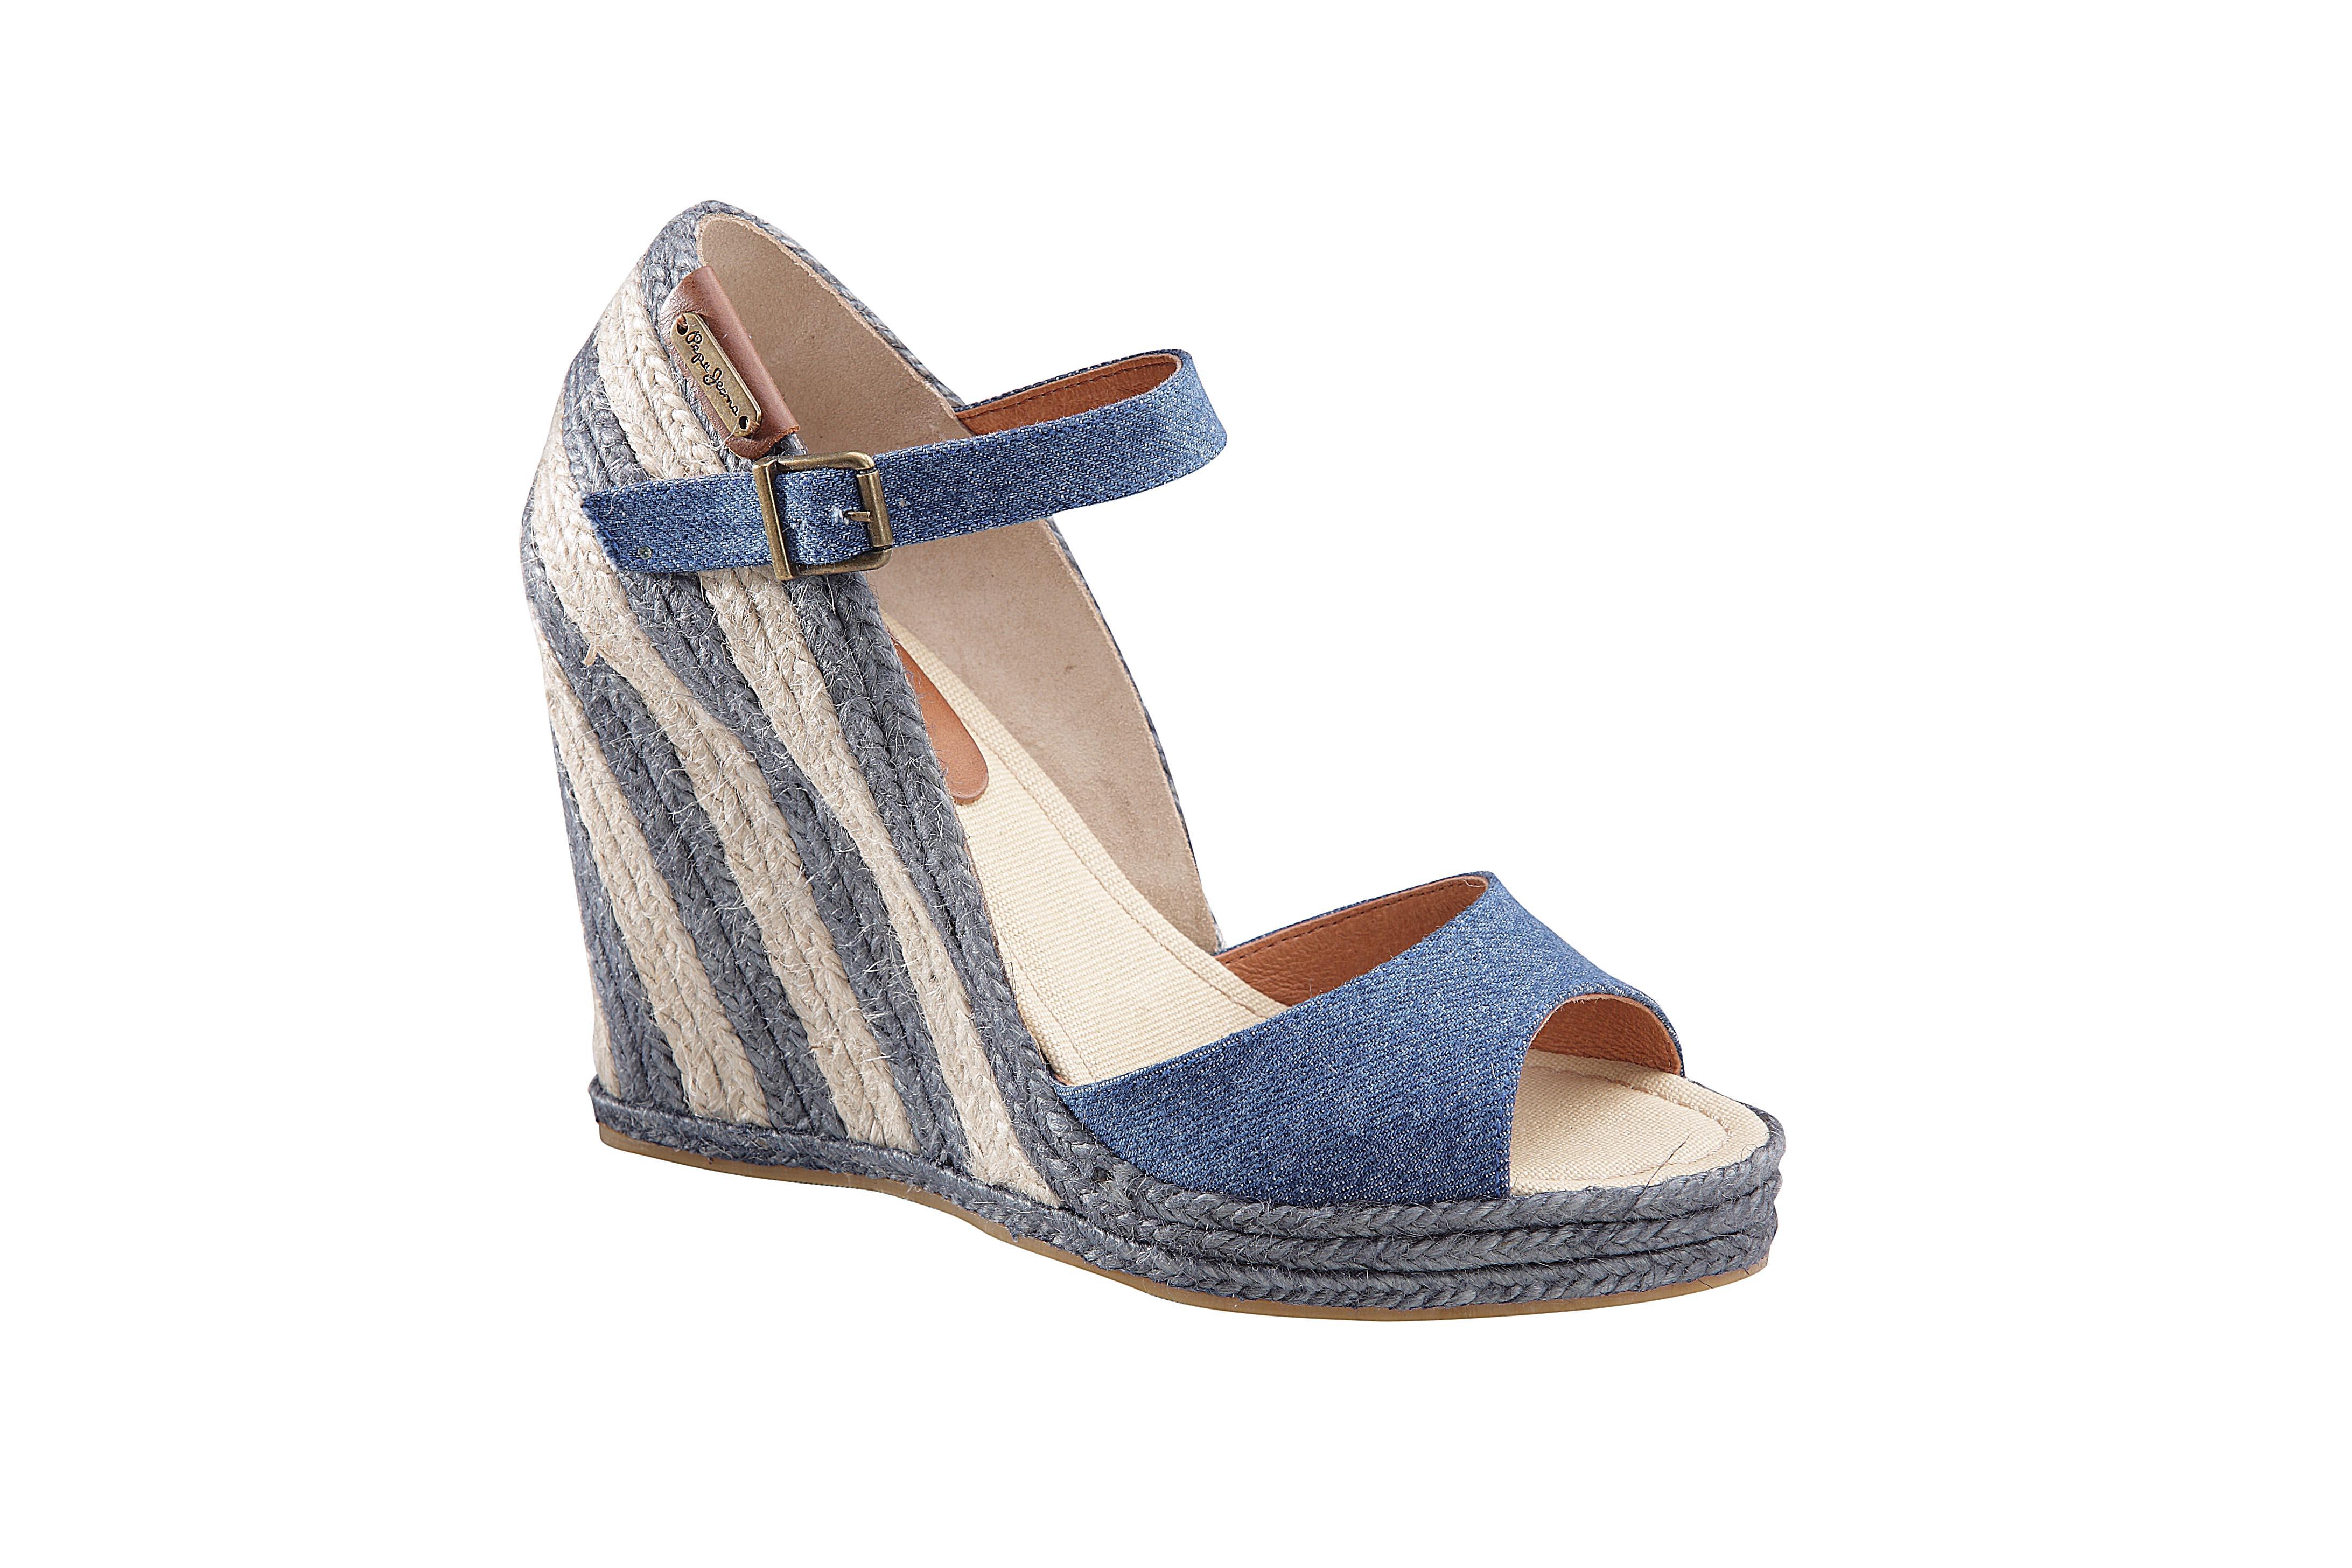 pretty nice e4b0f f199d Scarpe Pepe Jeans London Primavera Estate 2012 - Ma Guarda ...